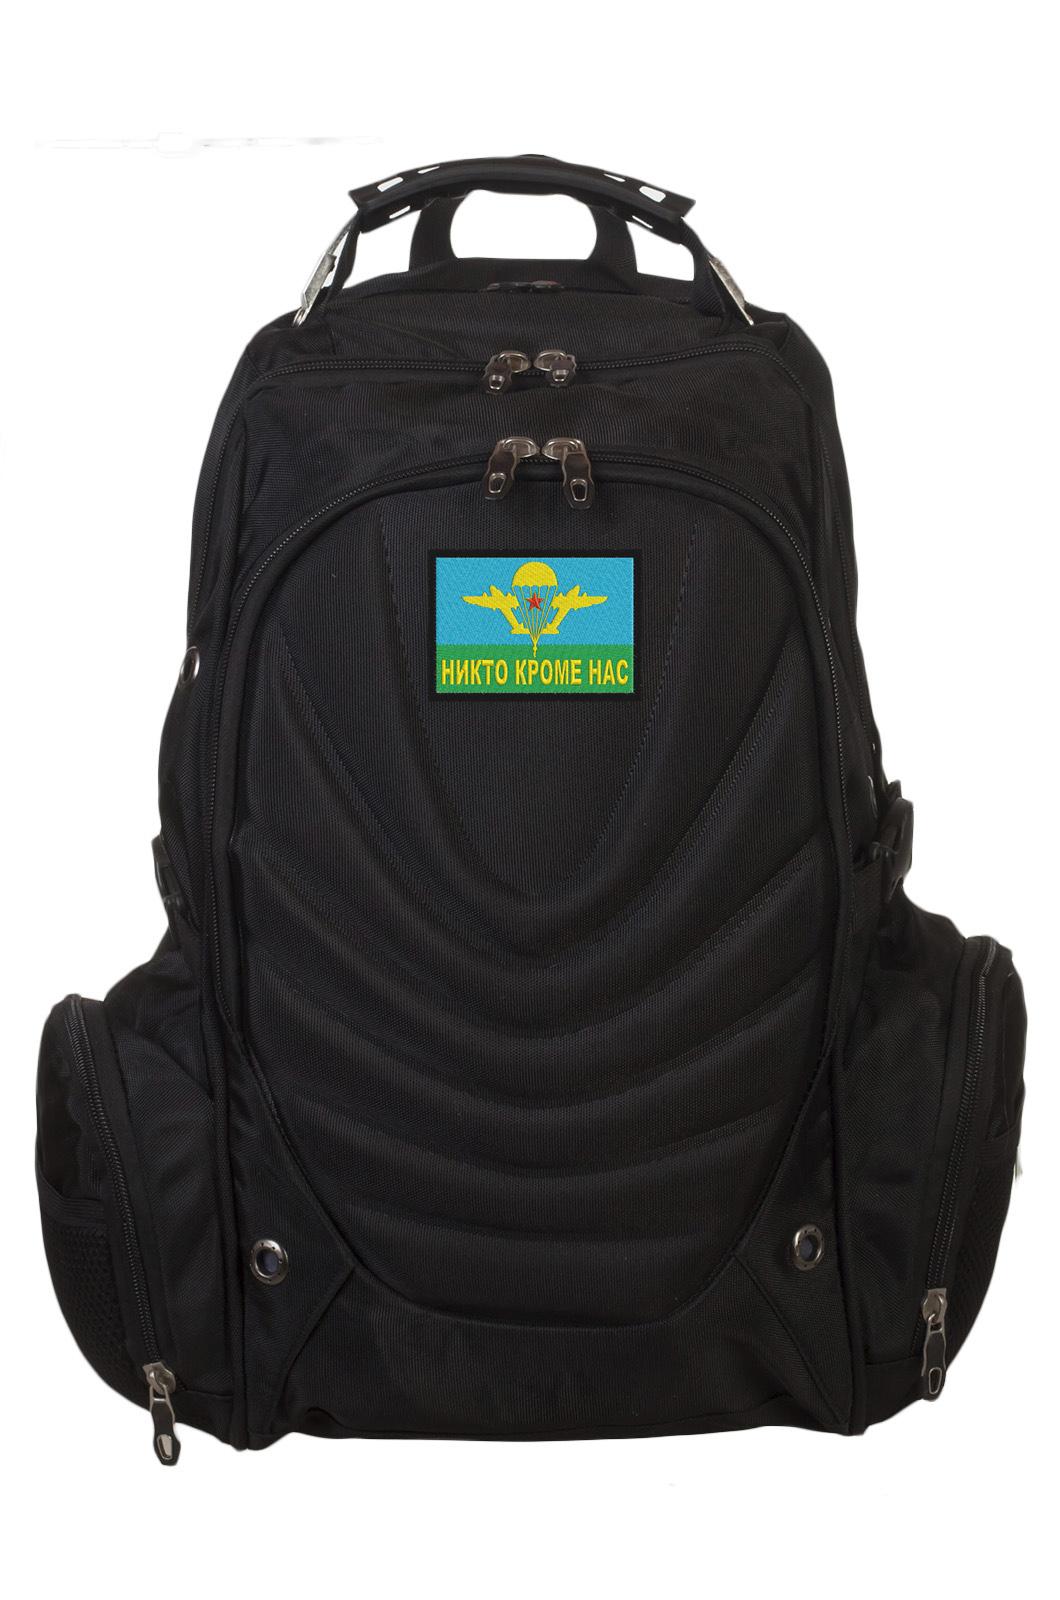 Мужской вместительный рюкзак с нашивкой ВДВ